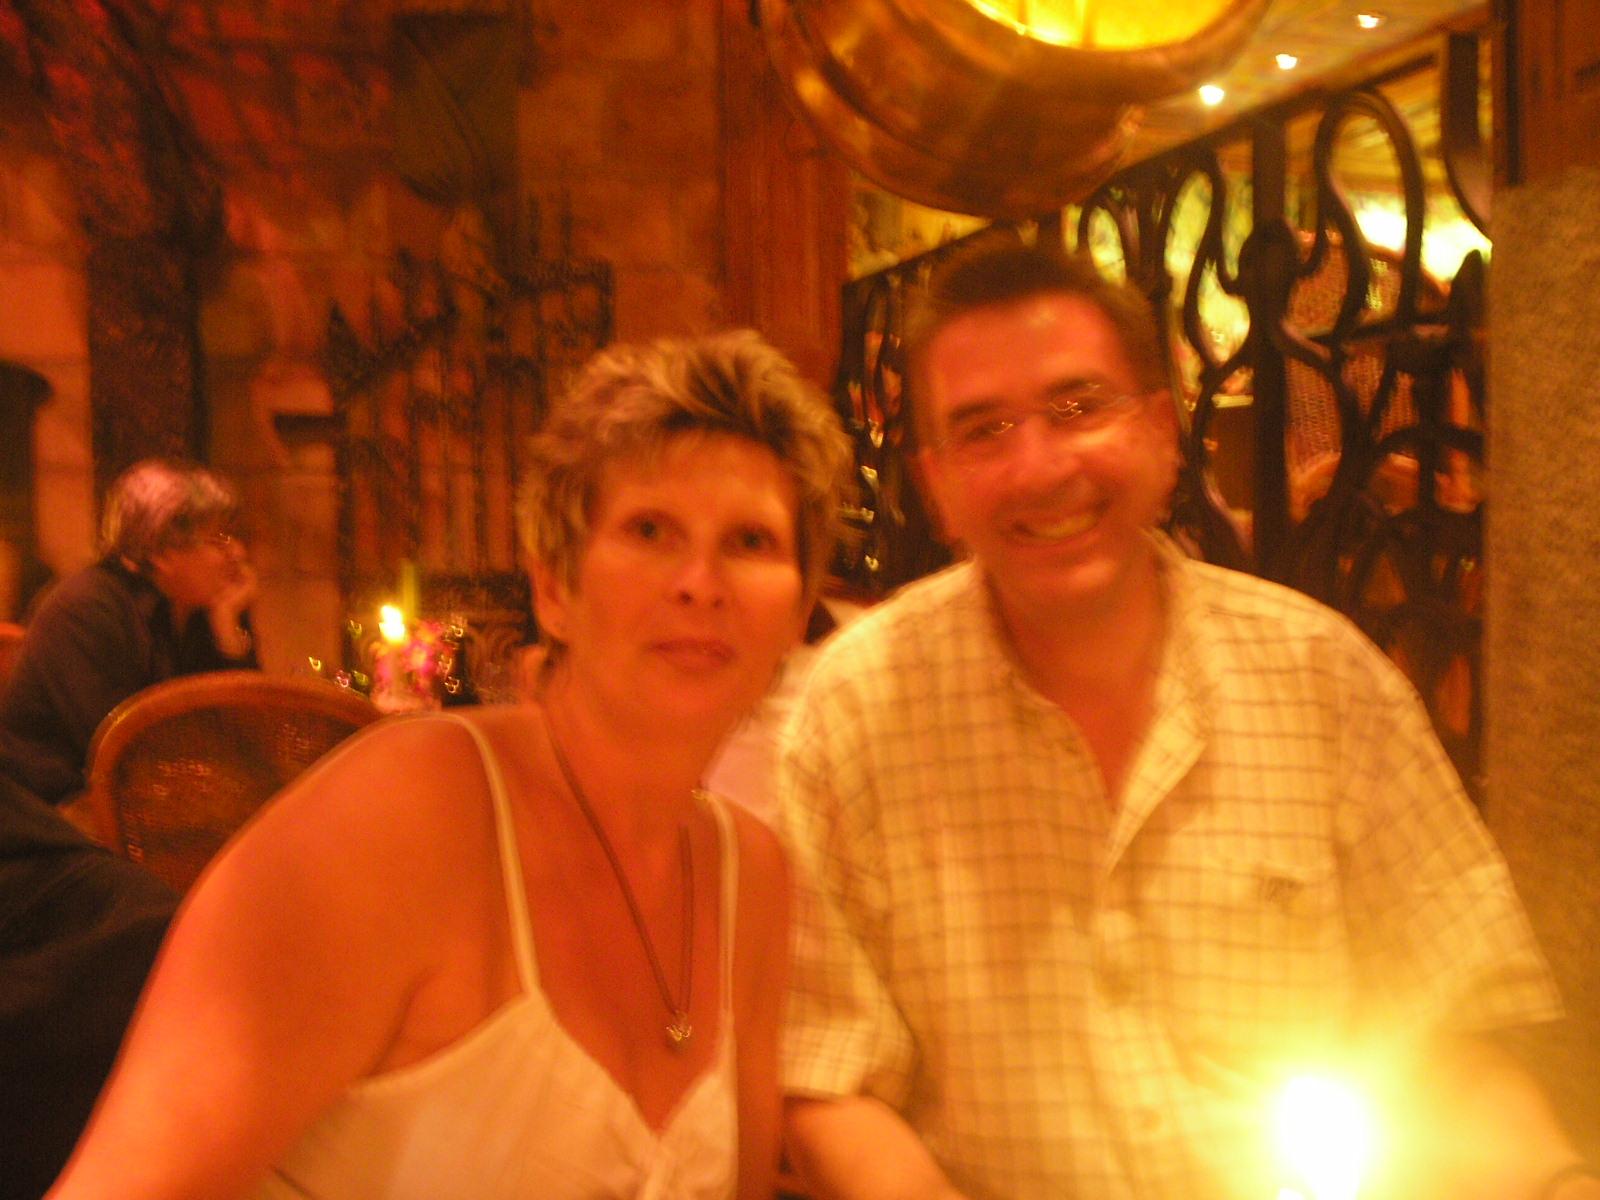 mr-csery-mrs-fontaine-france-june-2007.jpg